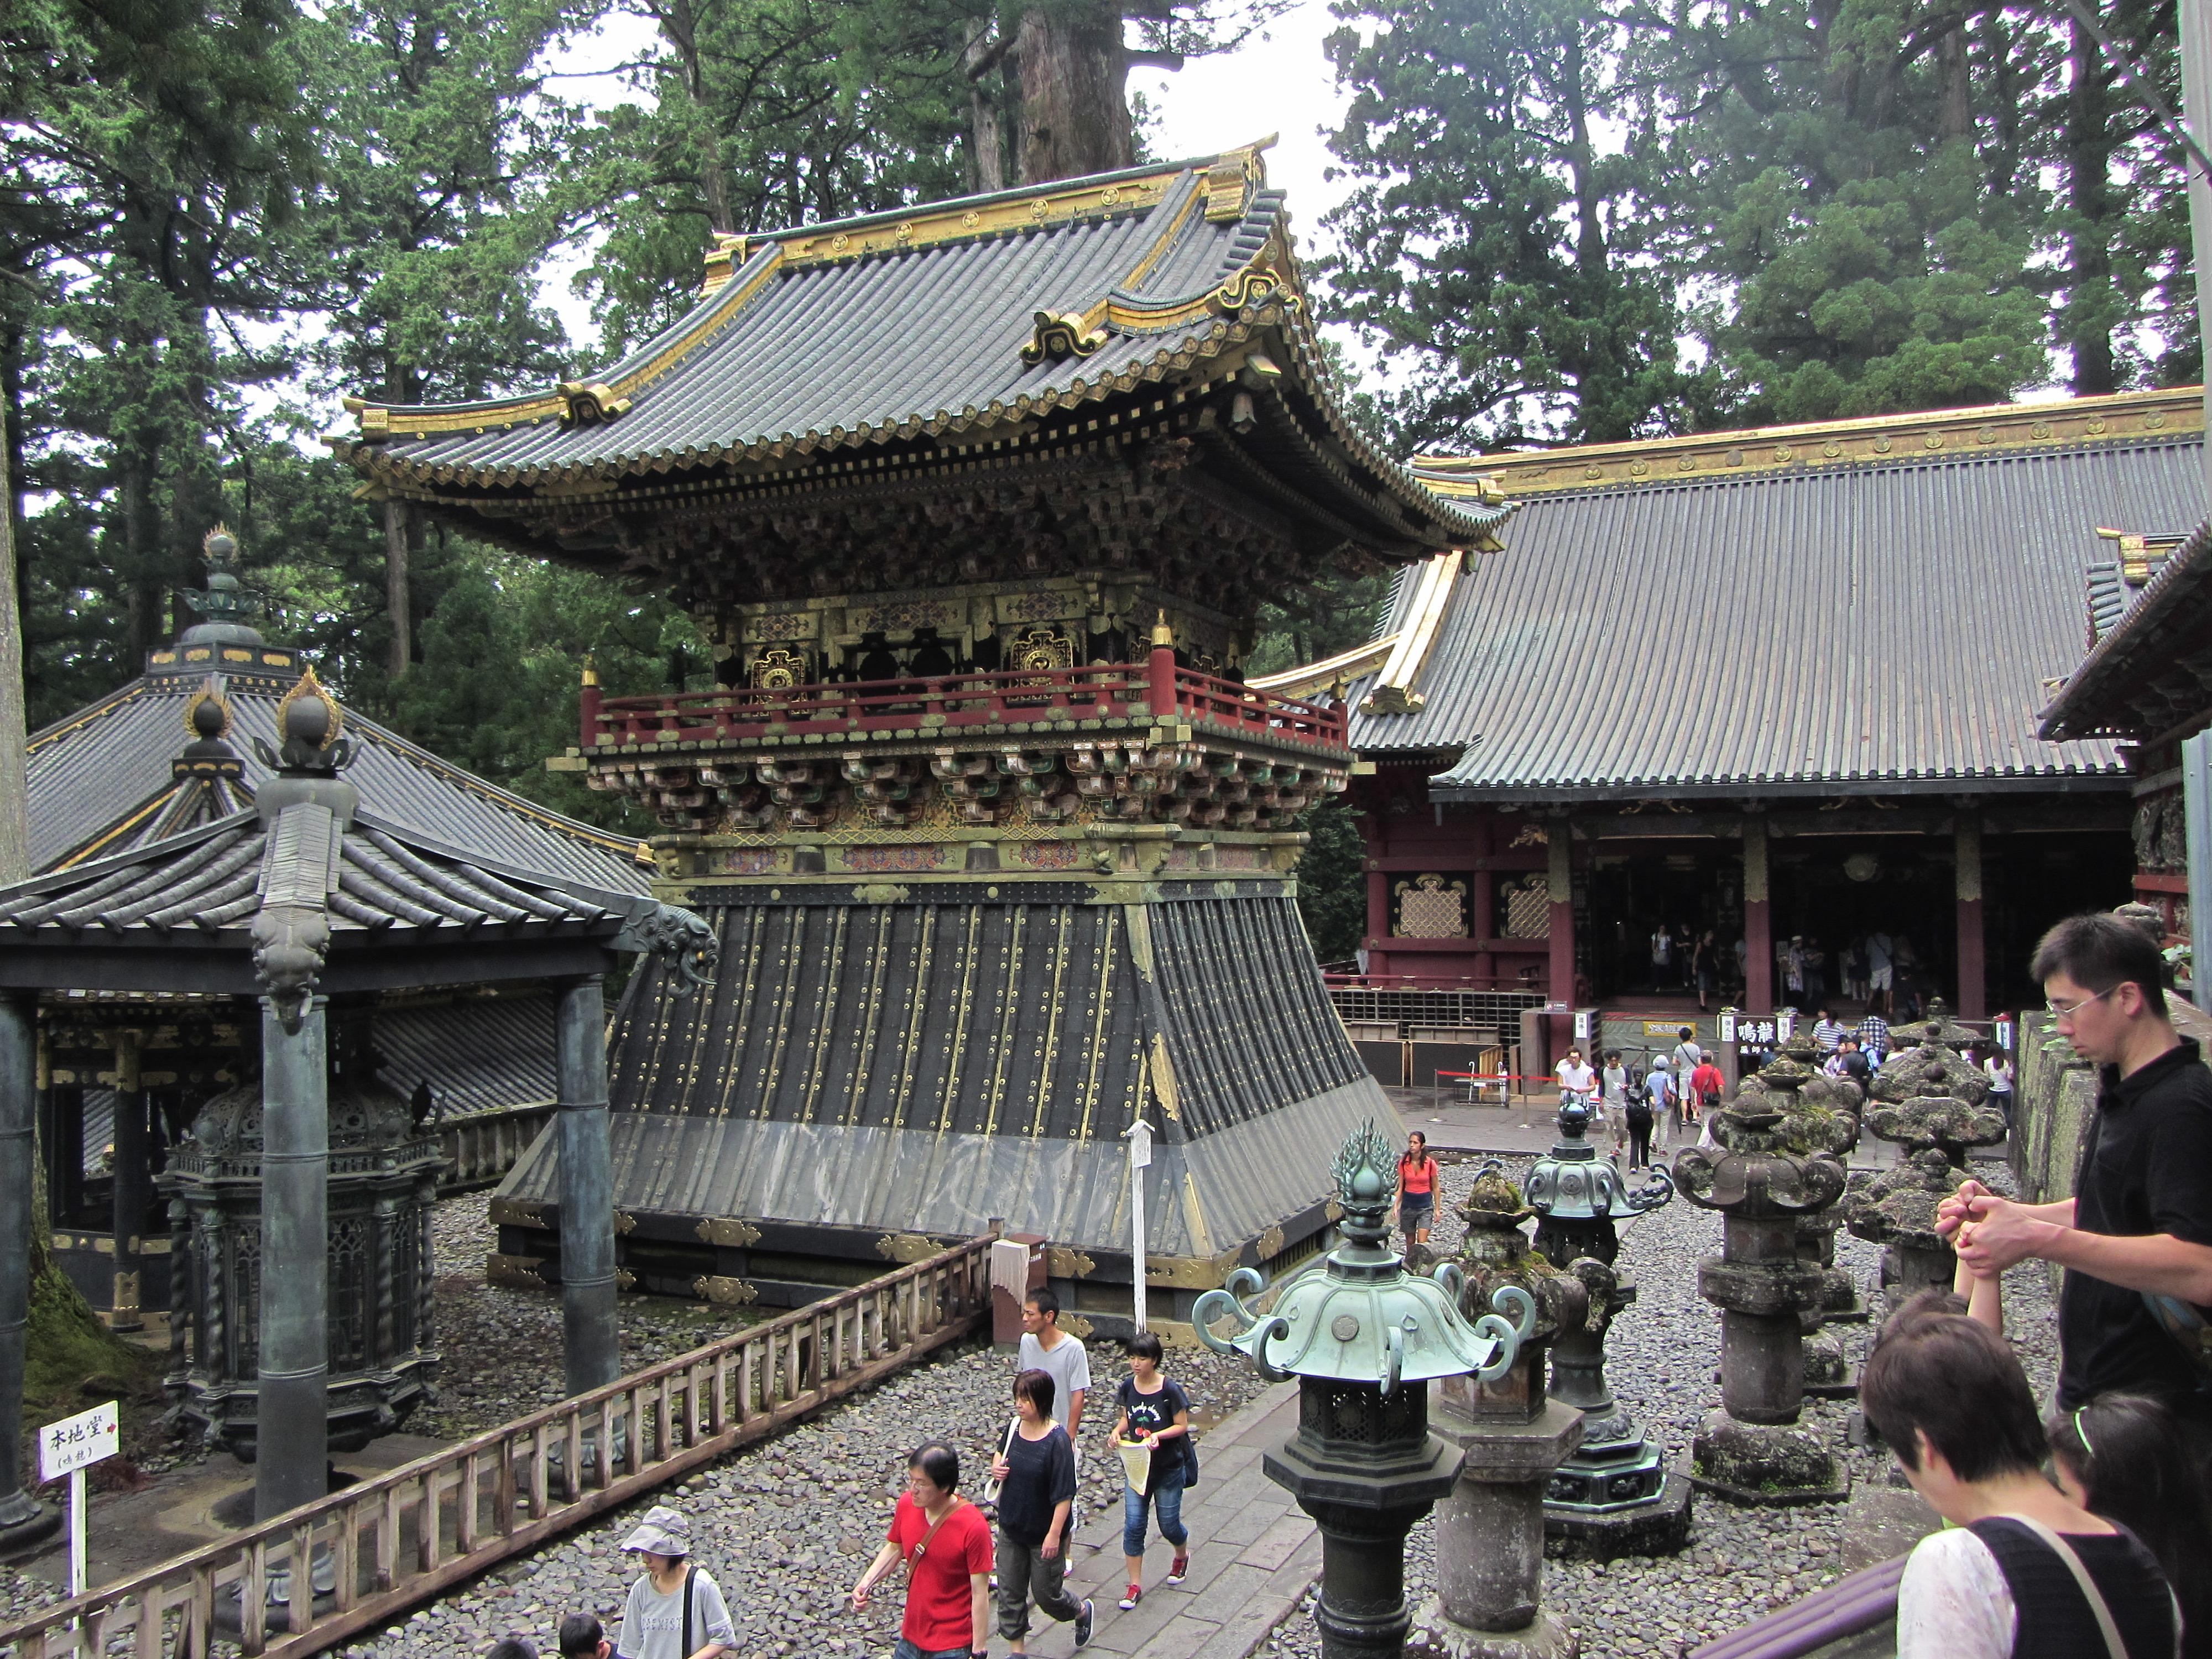 Nikko-Toshogu